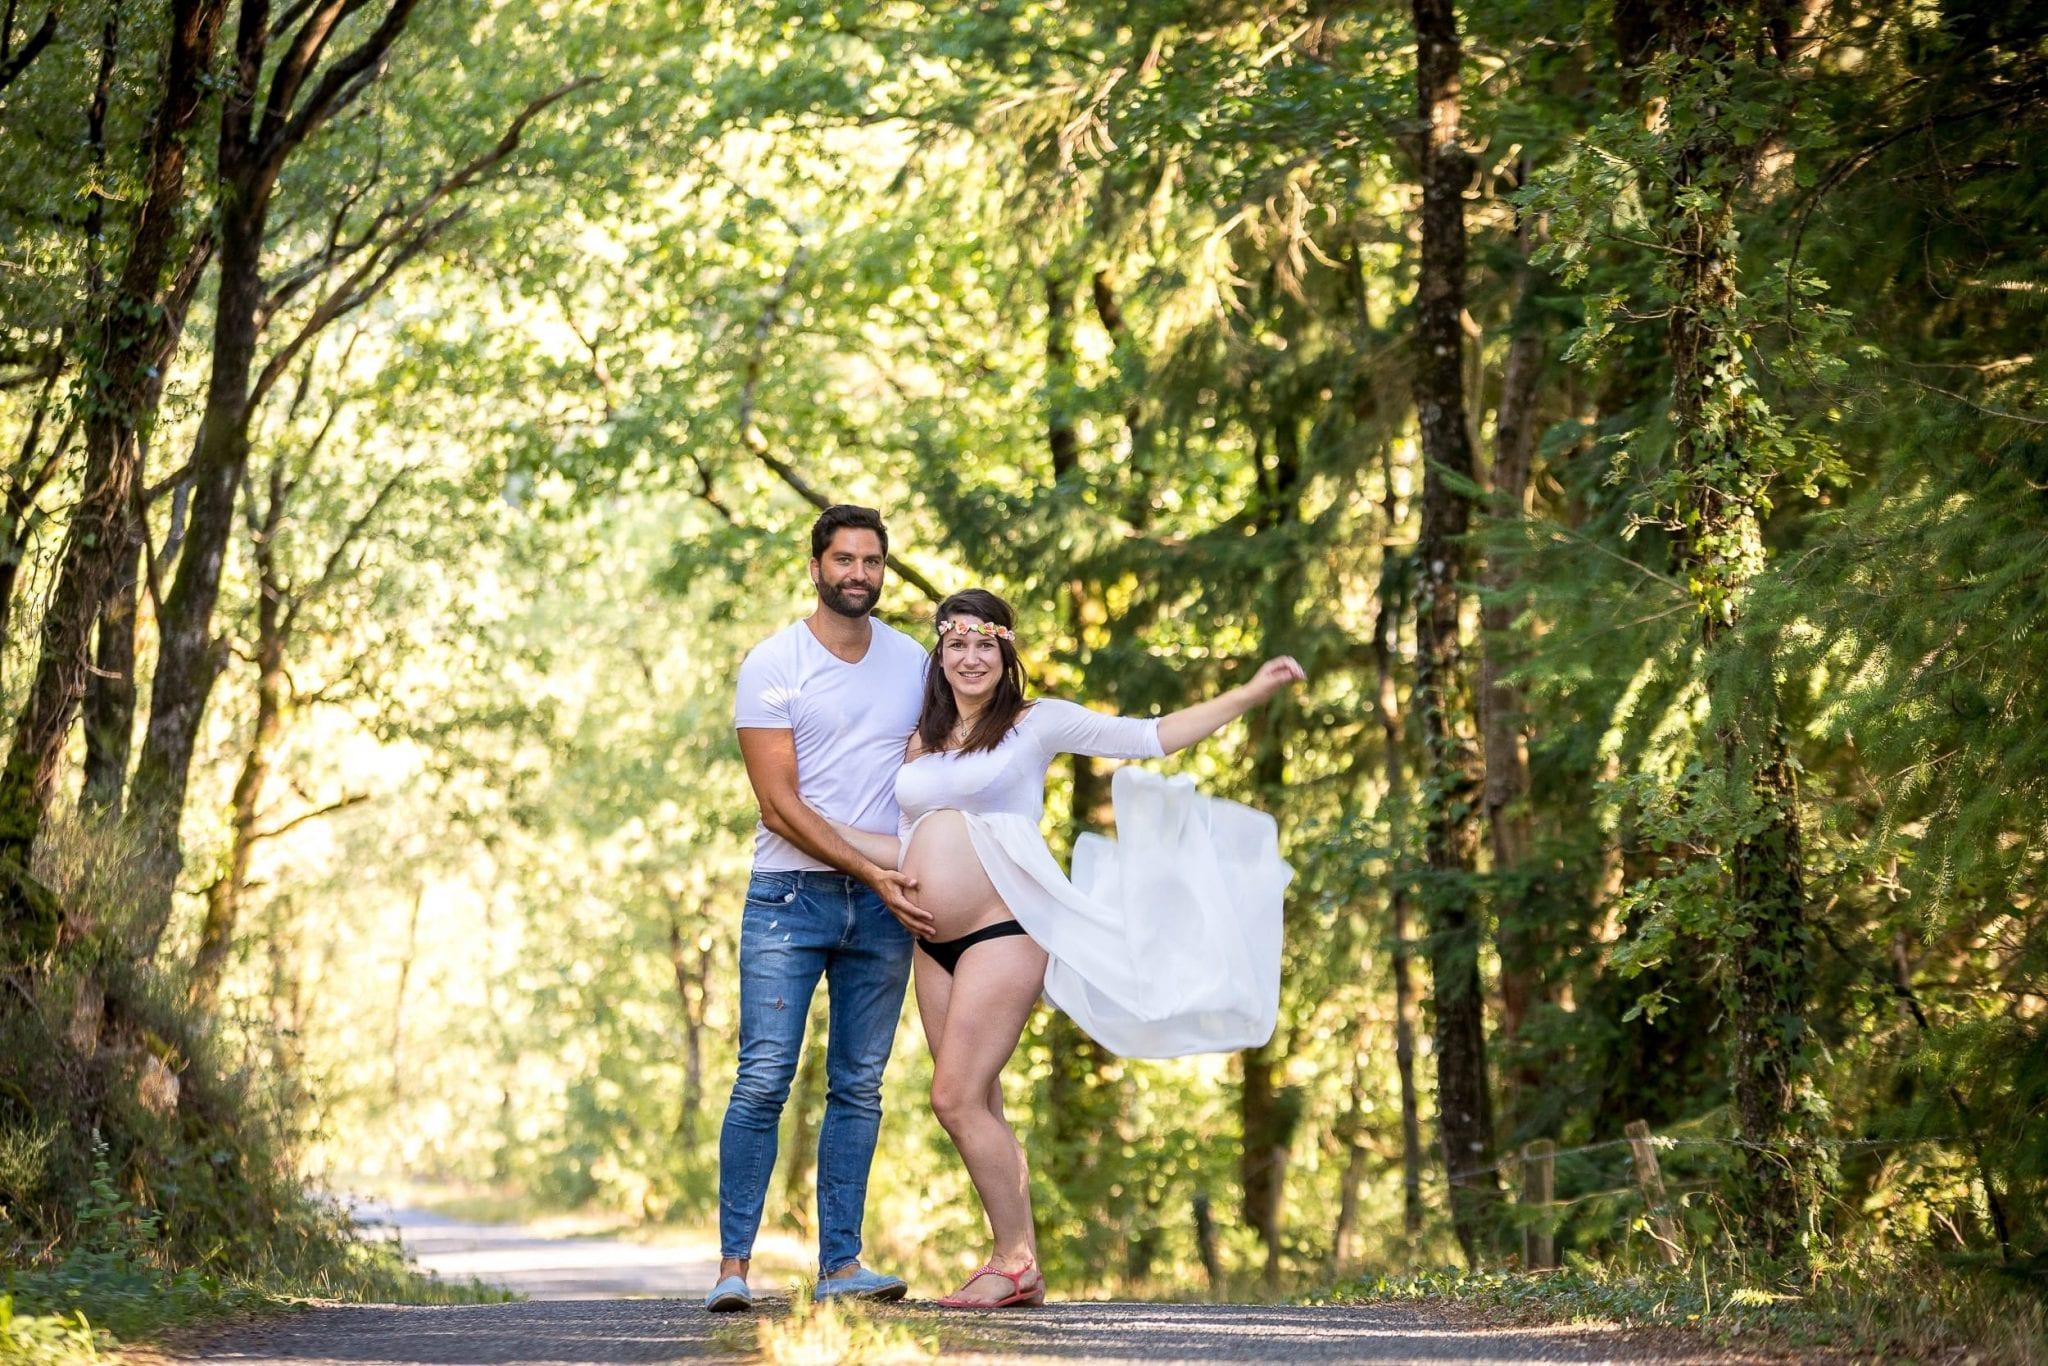 Femme enceinte, grossesse Studio END photographe Tarn